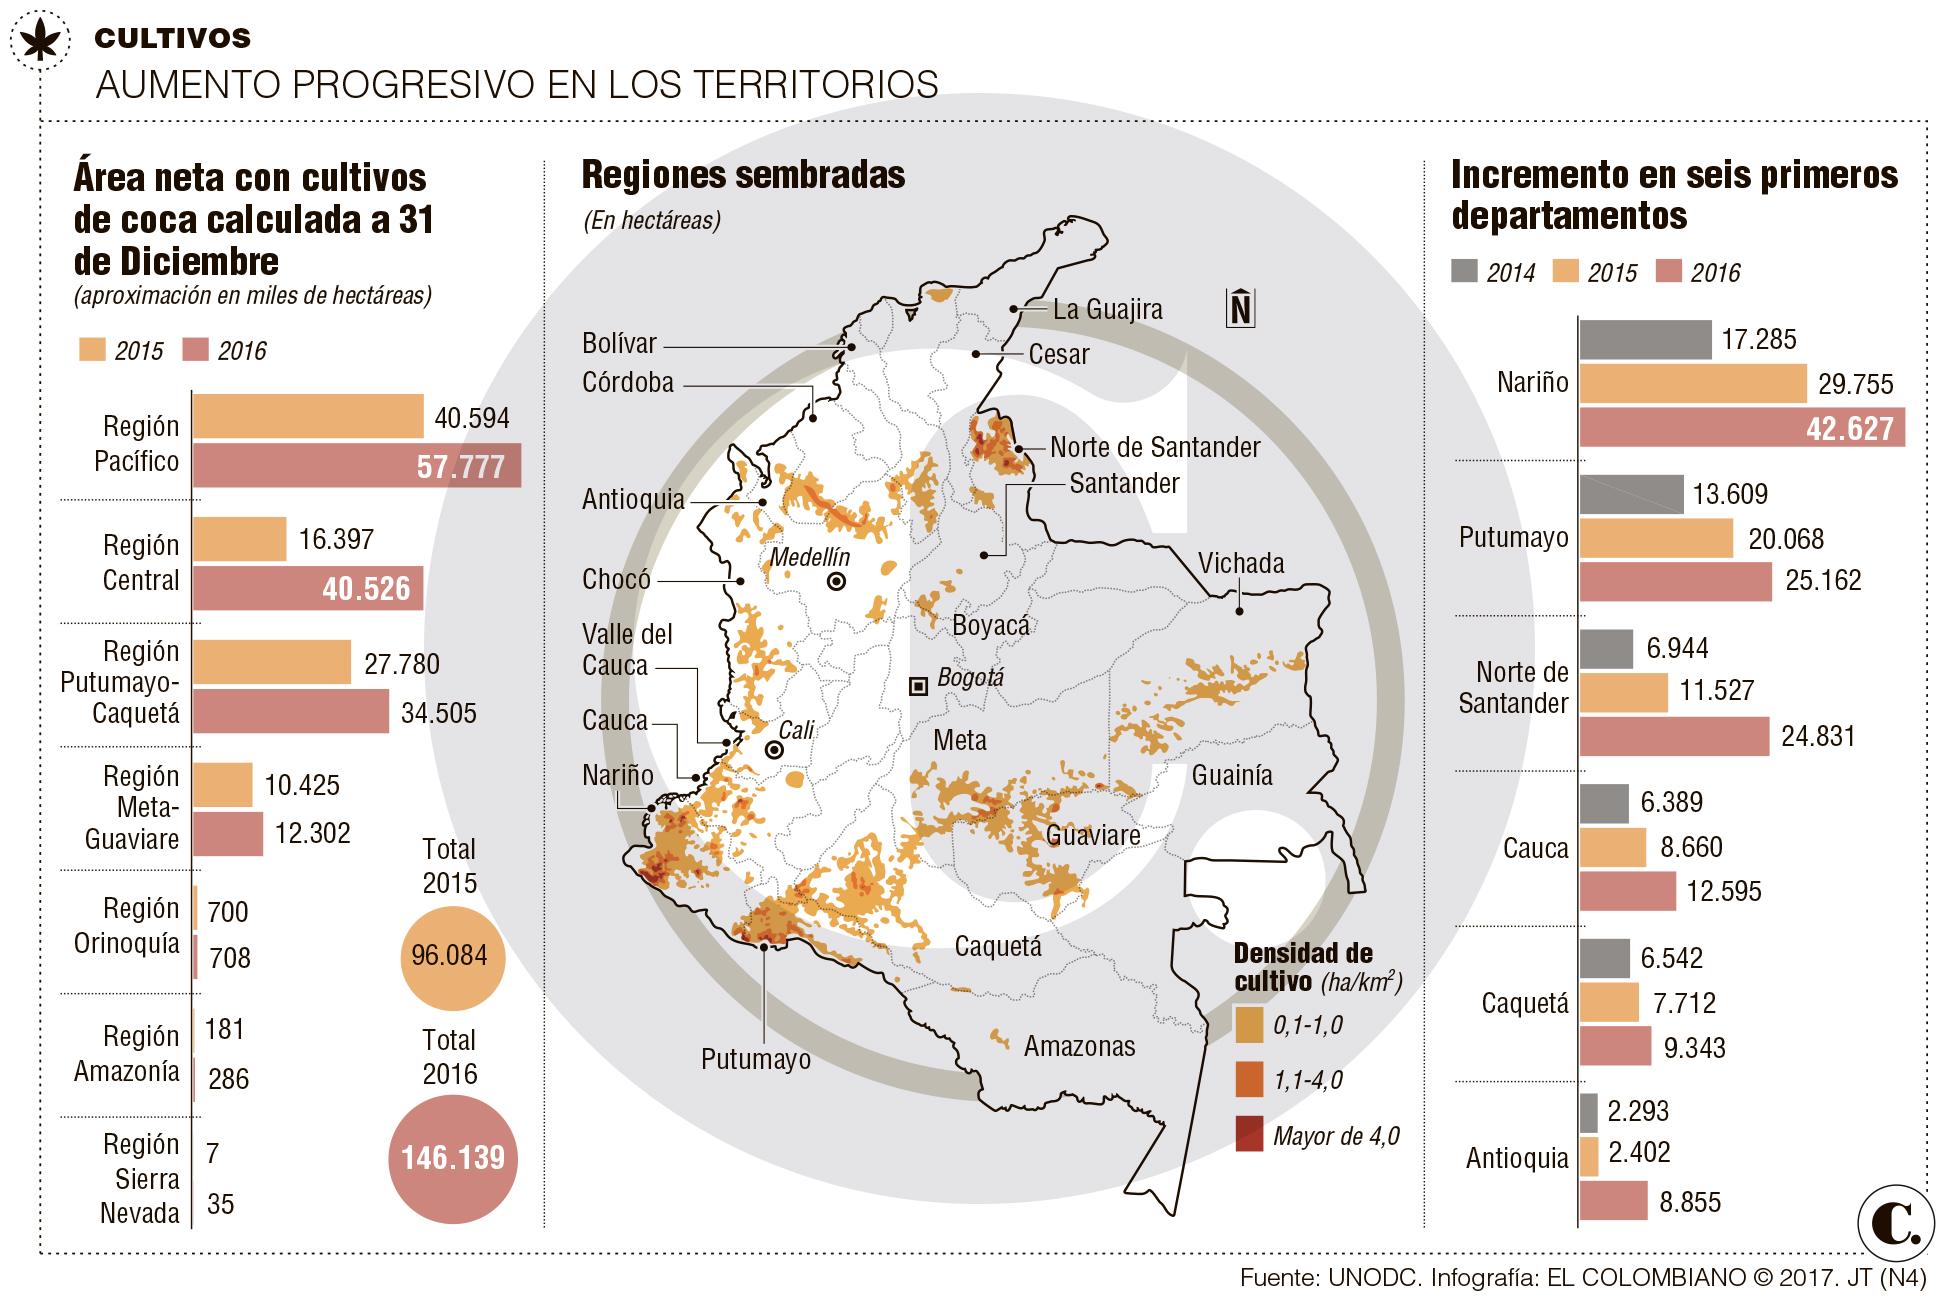 Aumento de cultivos de coca en Colombia